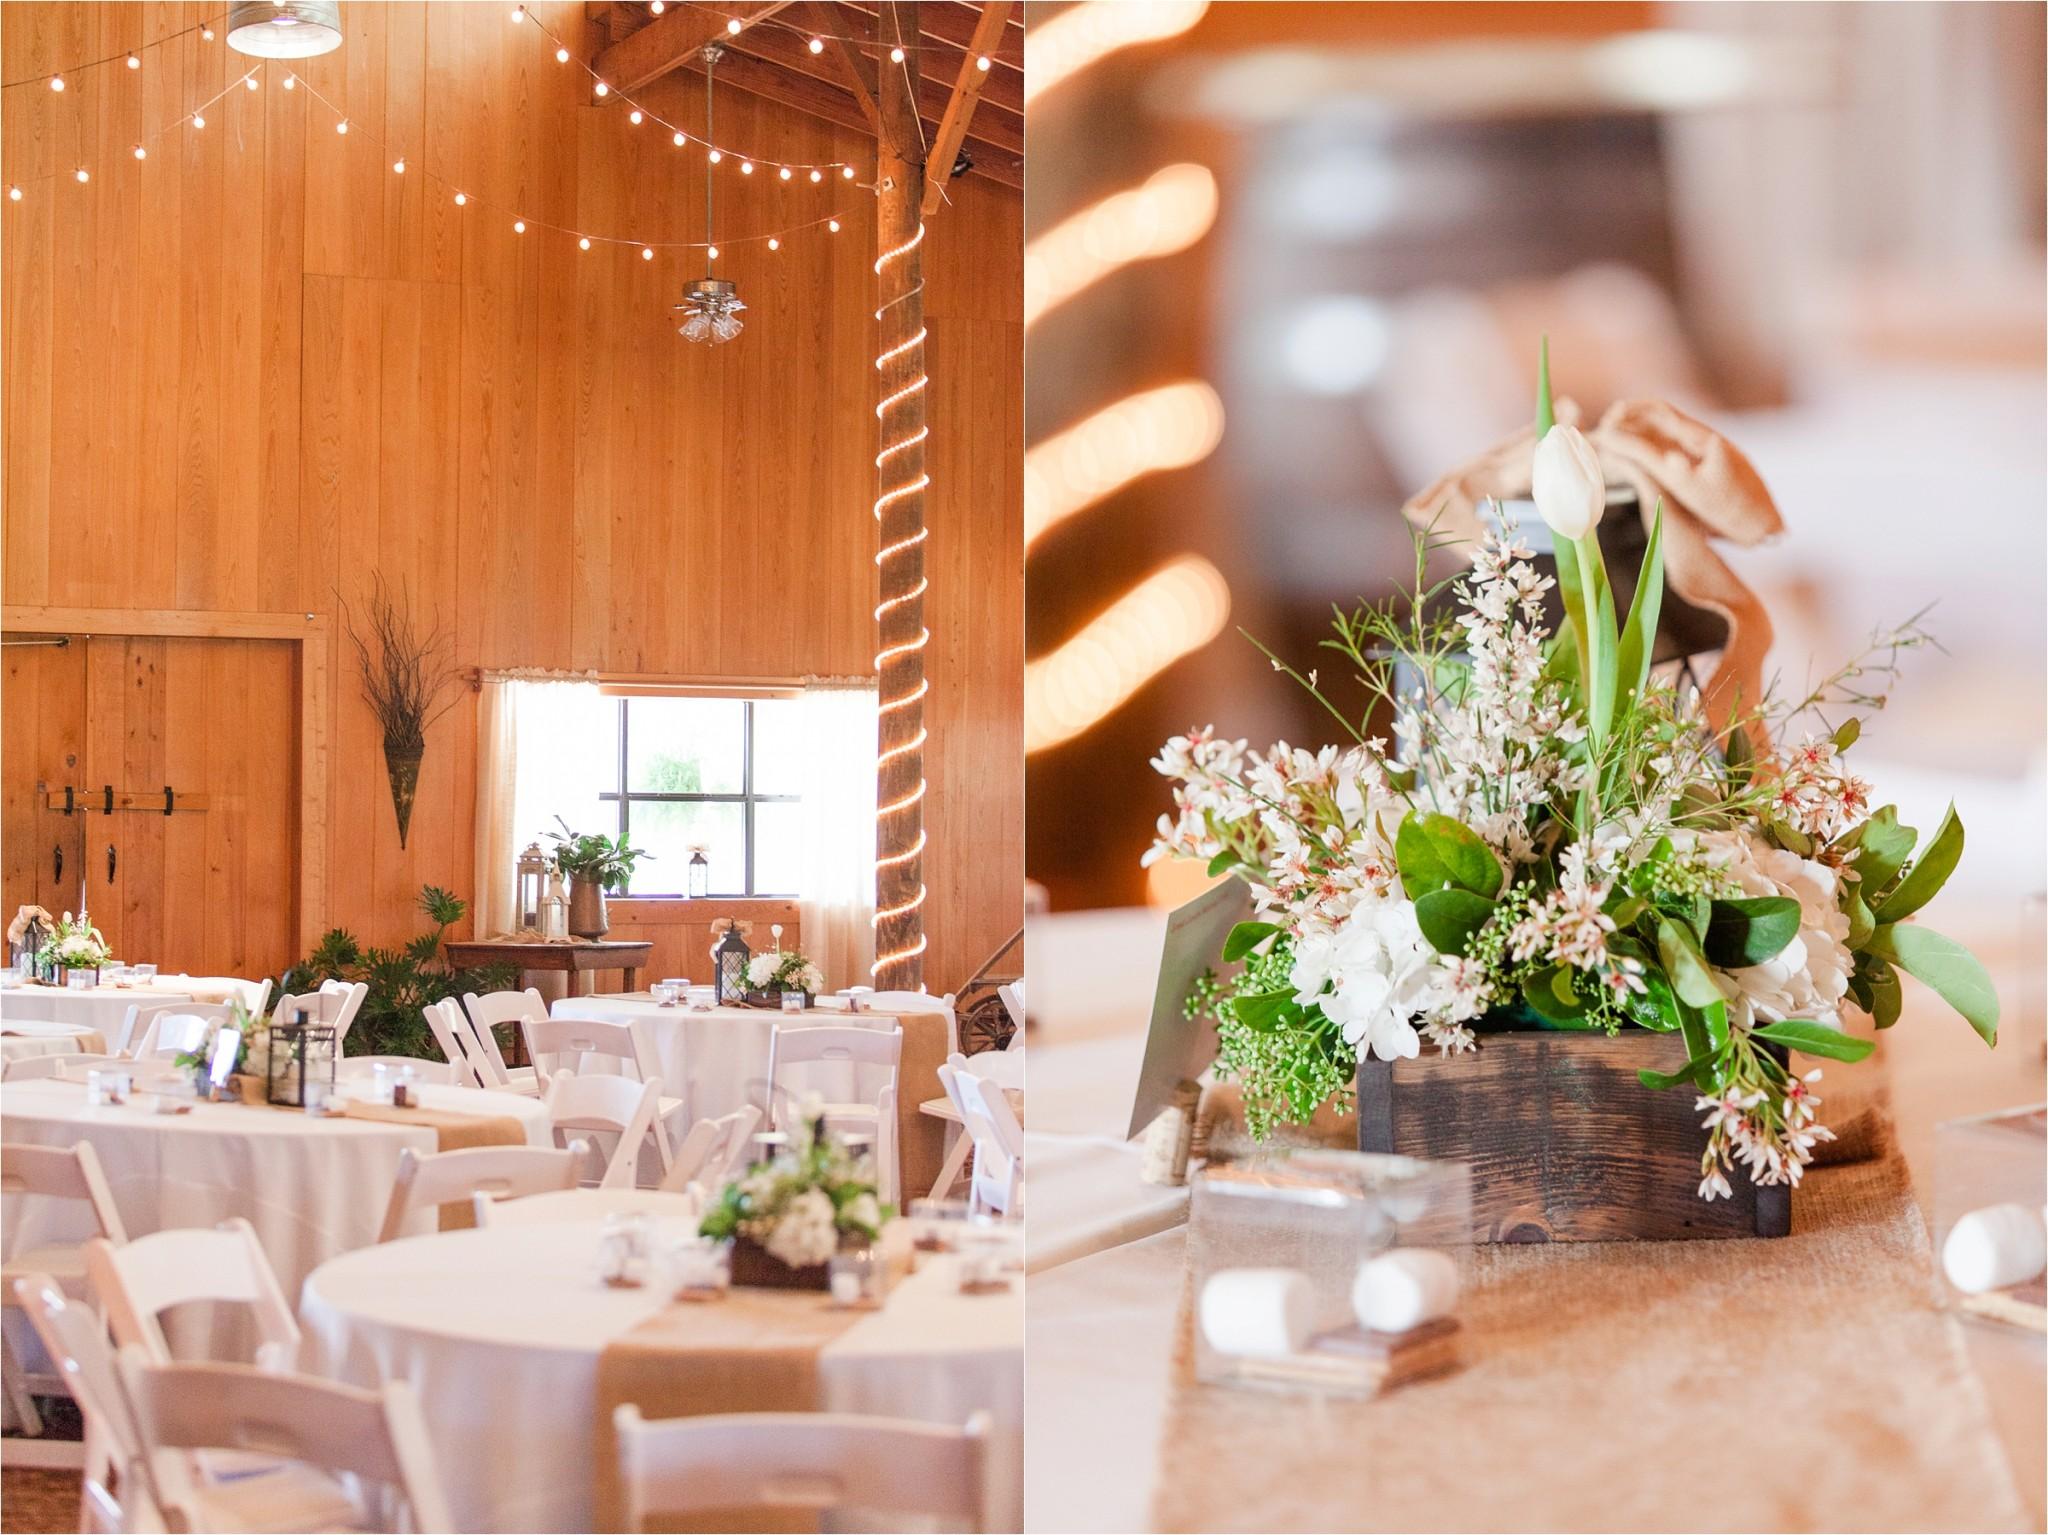 Lewis_Oak_Hollow_Wedding_Fairhope_AL_0178